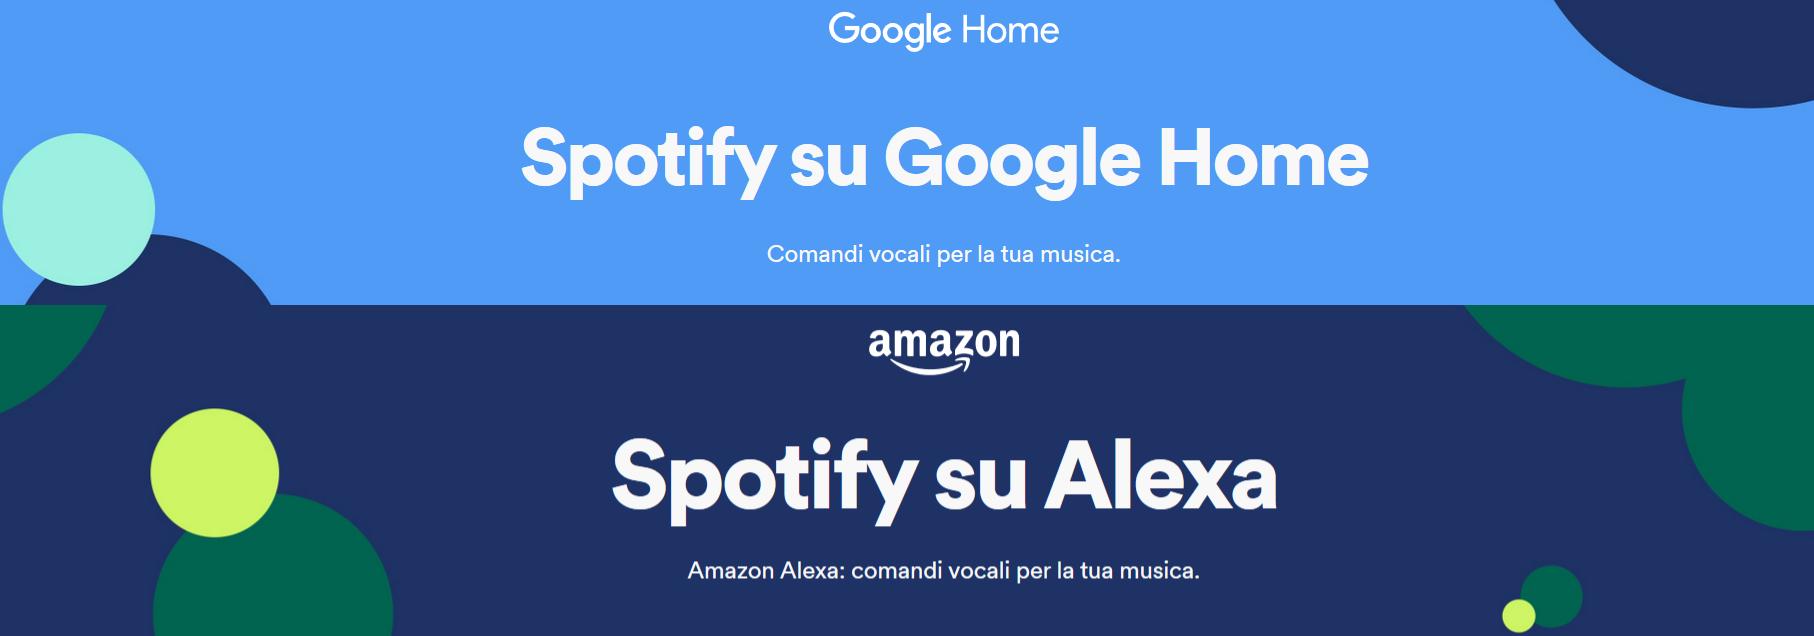 copertina articolo - Radio 4.0. Spotify da predatore diventa preda di Google ed Amazon. E' scontro sugli smart speaker. La Radio per ora e' spettatore, finche' rimarra' al suo posto